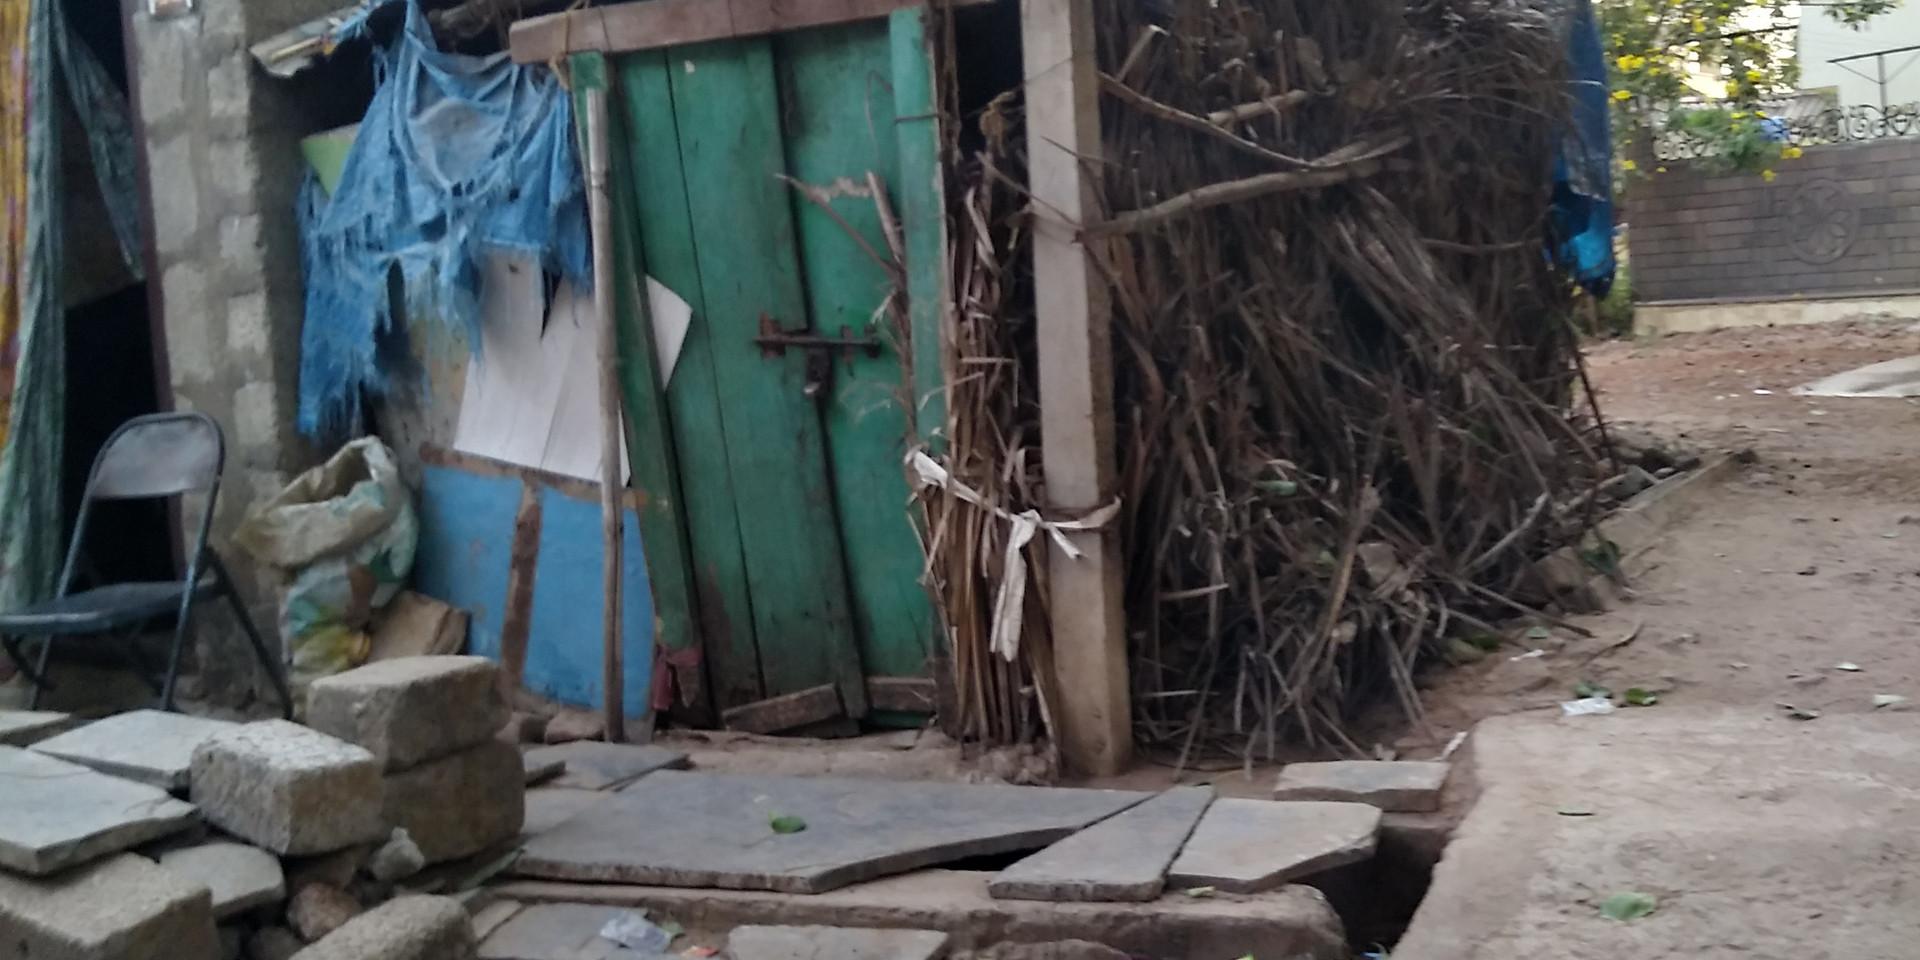 India's Unbelievable Poverty